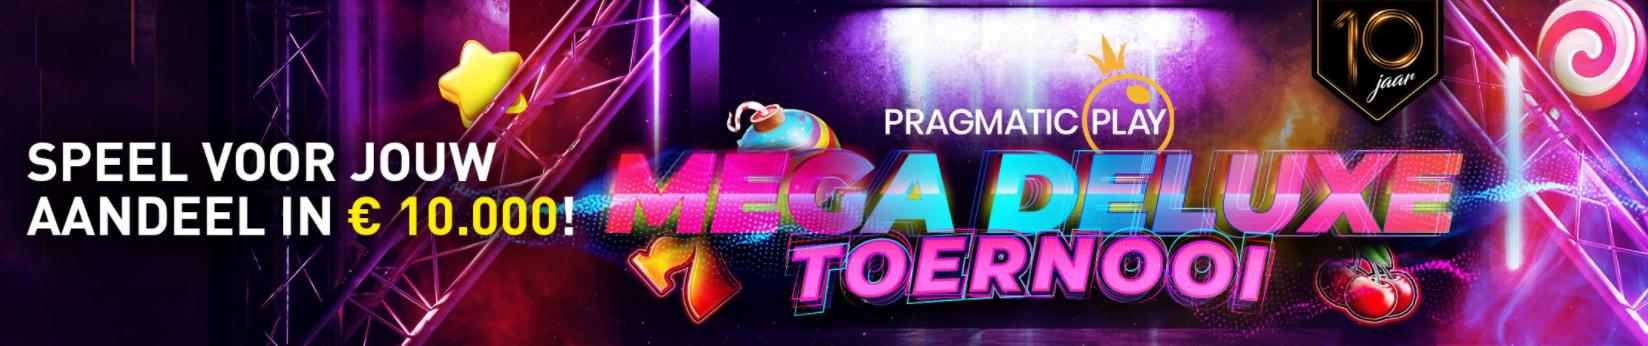 Pragmatic Mega Deluxe toernooi van Casino 777 online speelhal 10e verjaardag Jackpot €10.000 videoslots